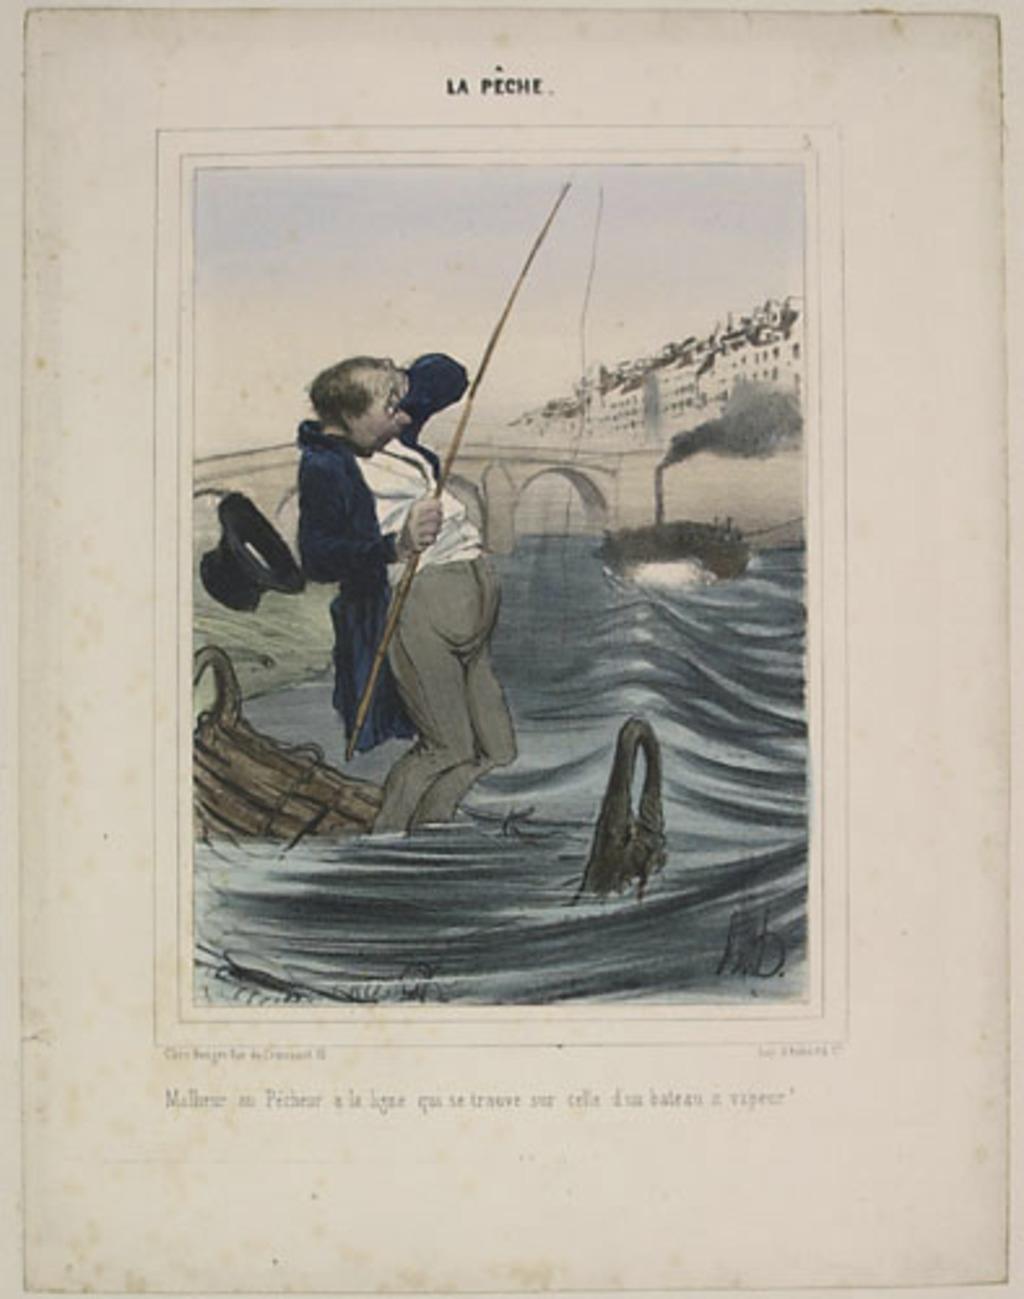 Malheur au pêcheur à la ligne qui se trouve sur celle d'un bateau à vapeur !